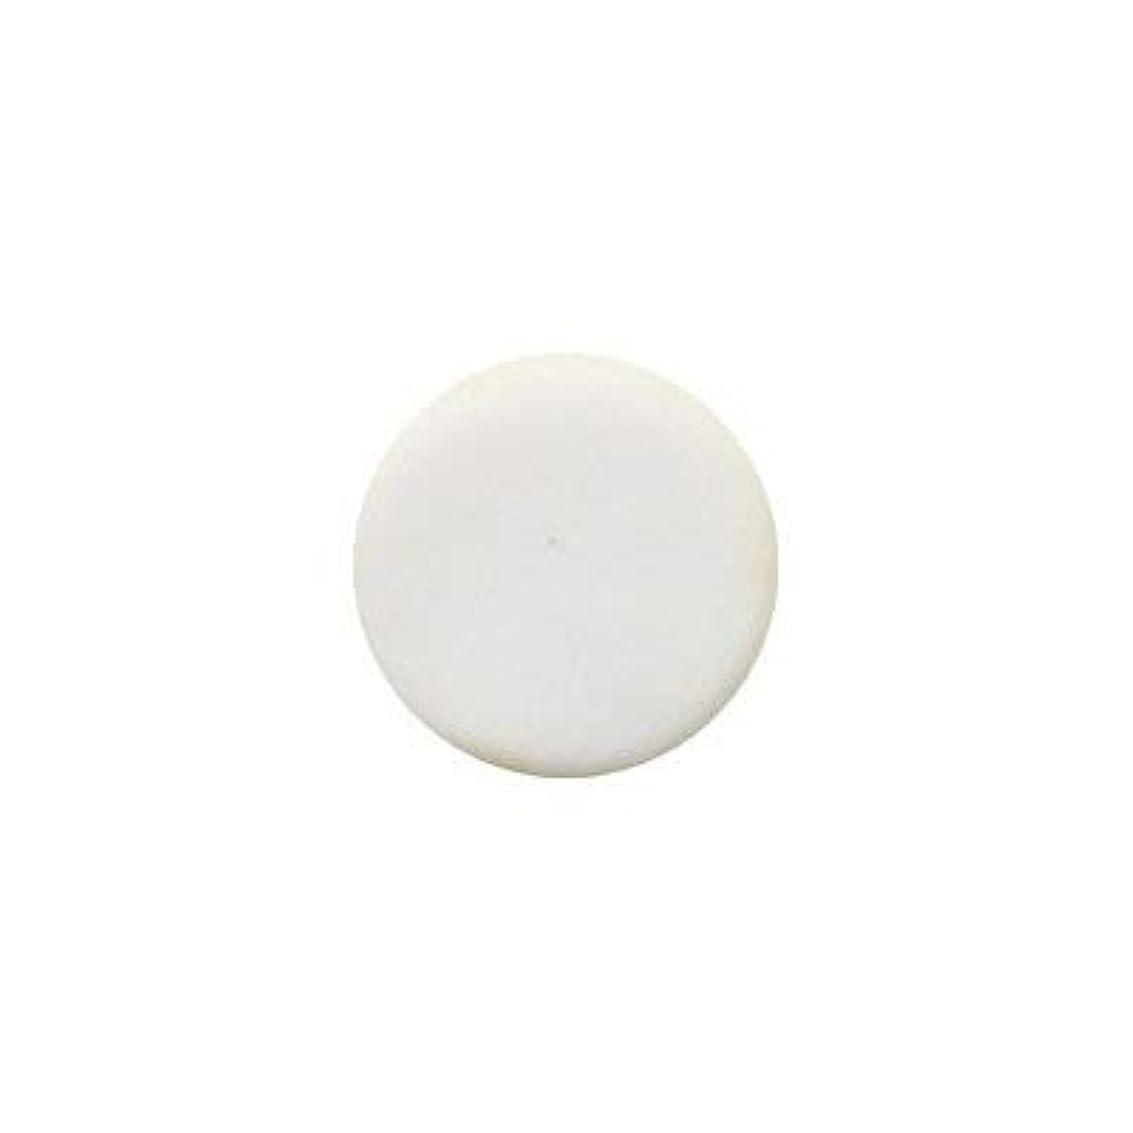 尊敬結婚式積極的にミラージュ パウダー スペリオールシリーズ S/P ホワイト 14.5g